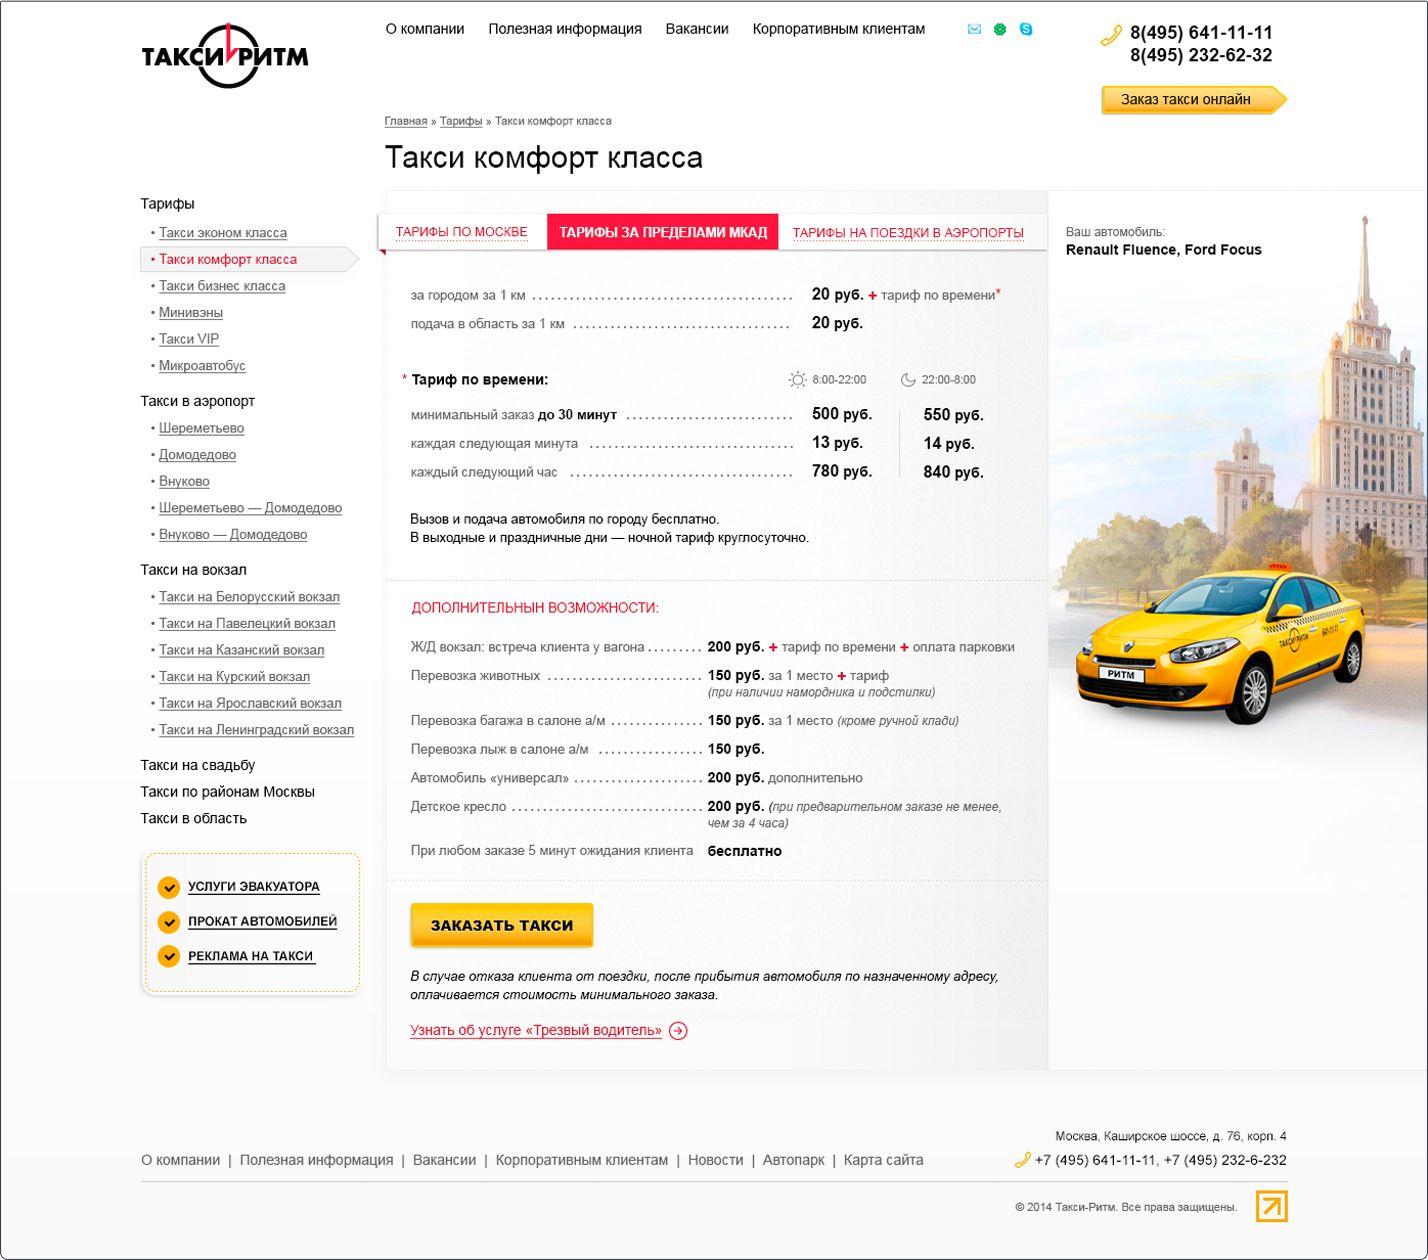 Недорогое такси Класс!  Заказать такси в СанктПетербурге